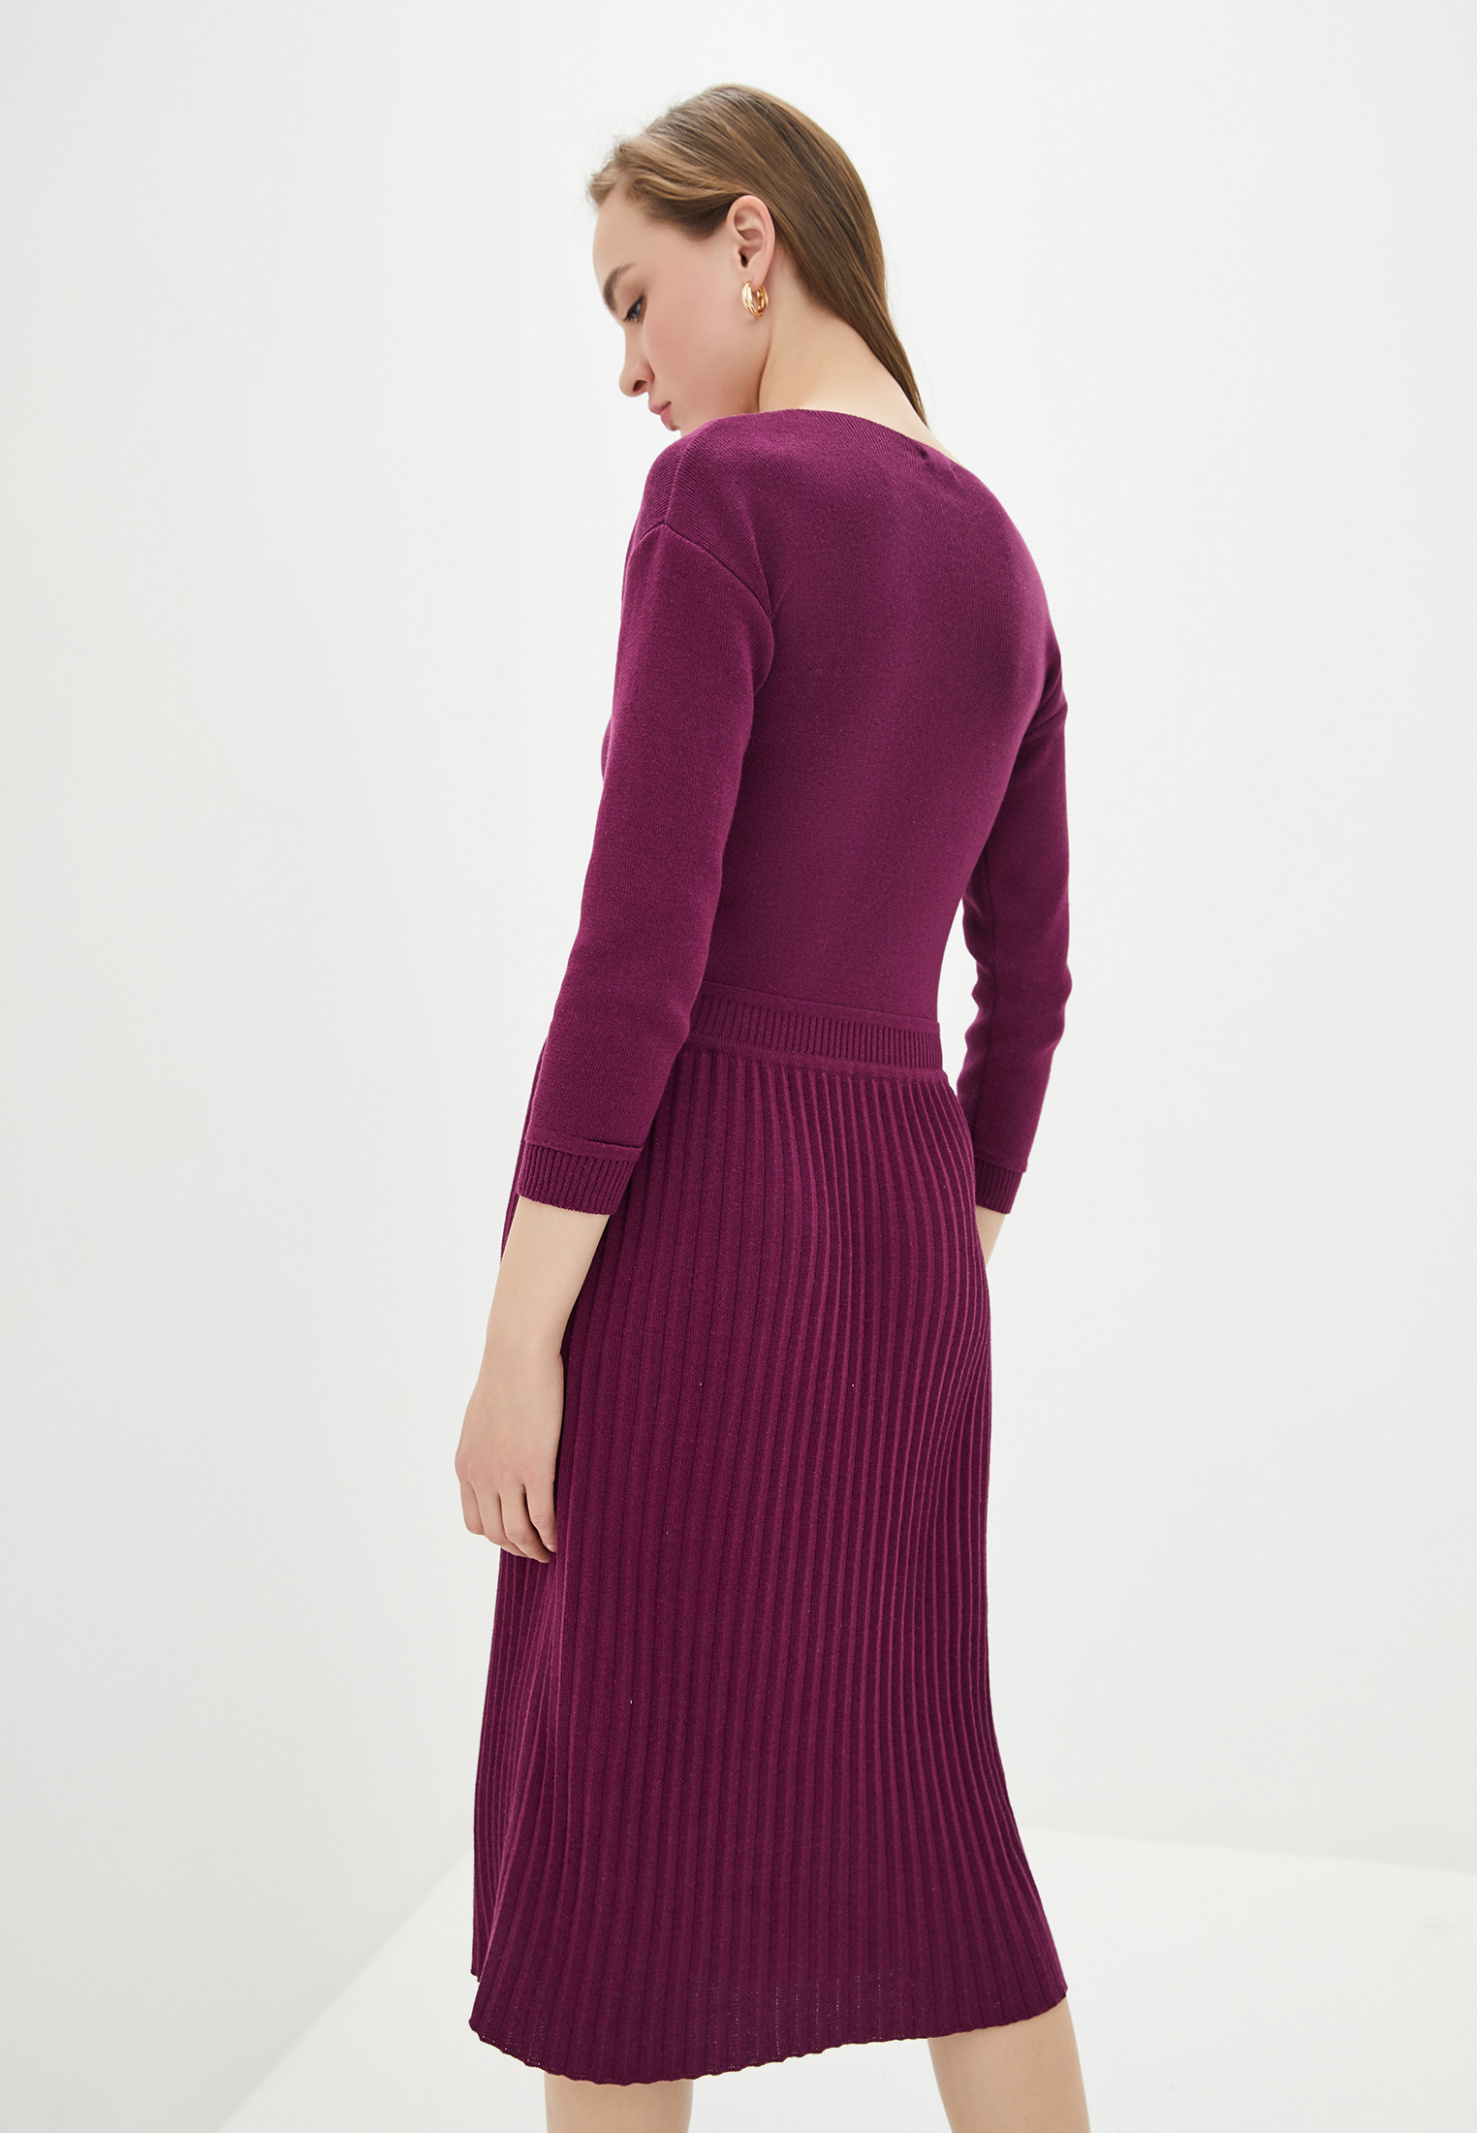 Sewel Сукня жіночі модель PS783140000 купити, 2017